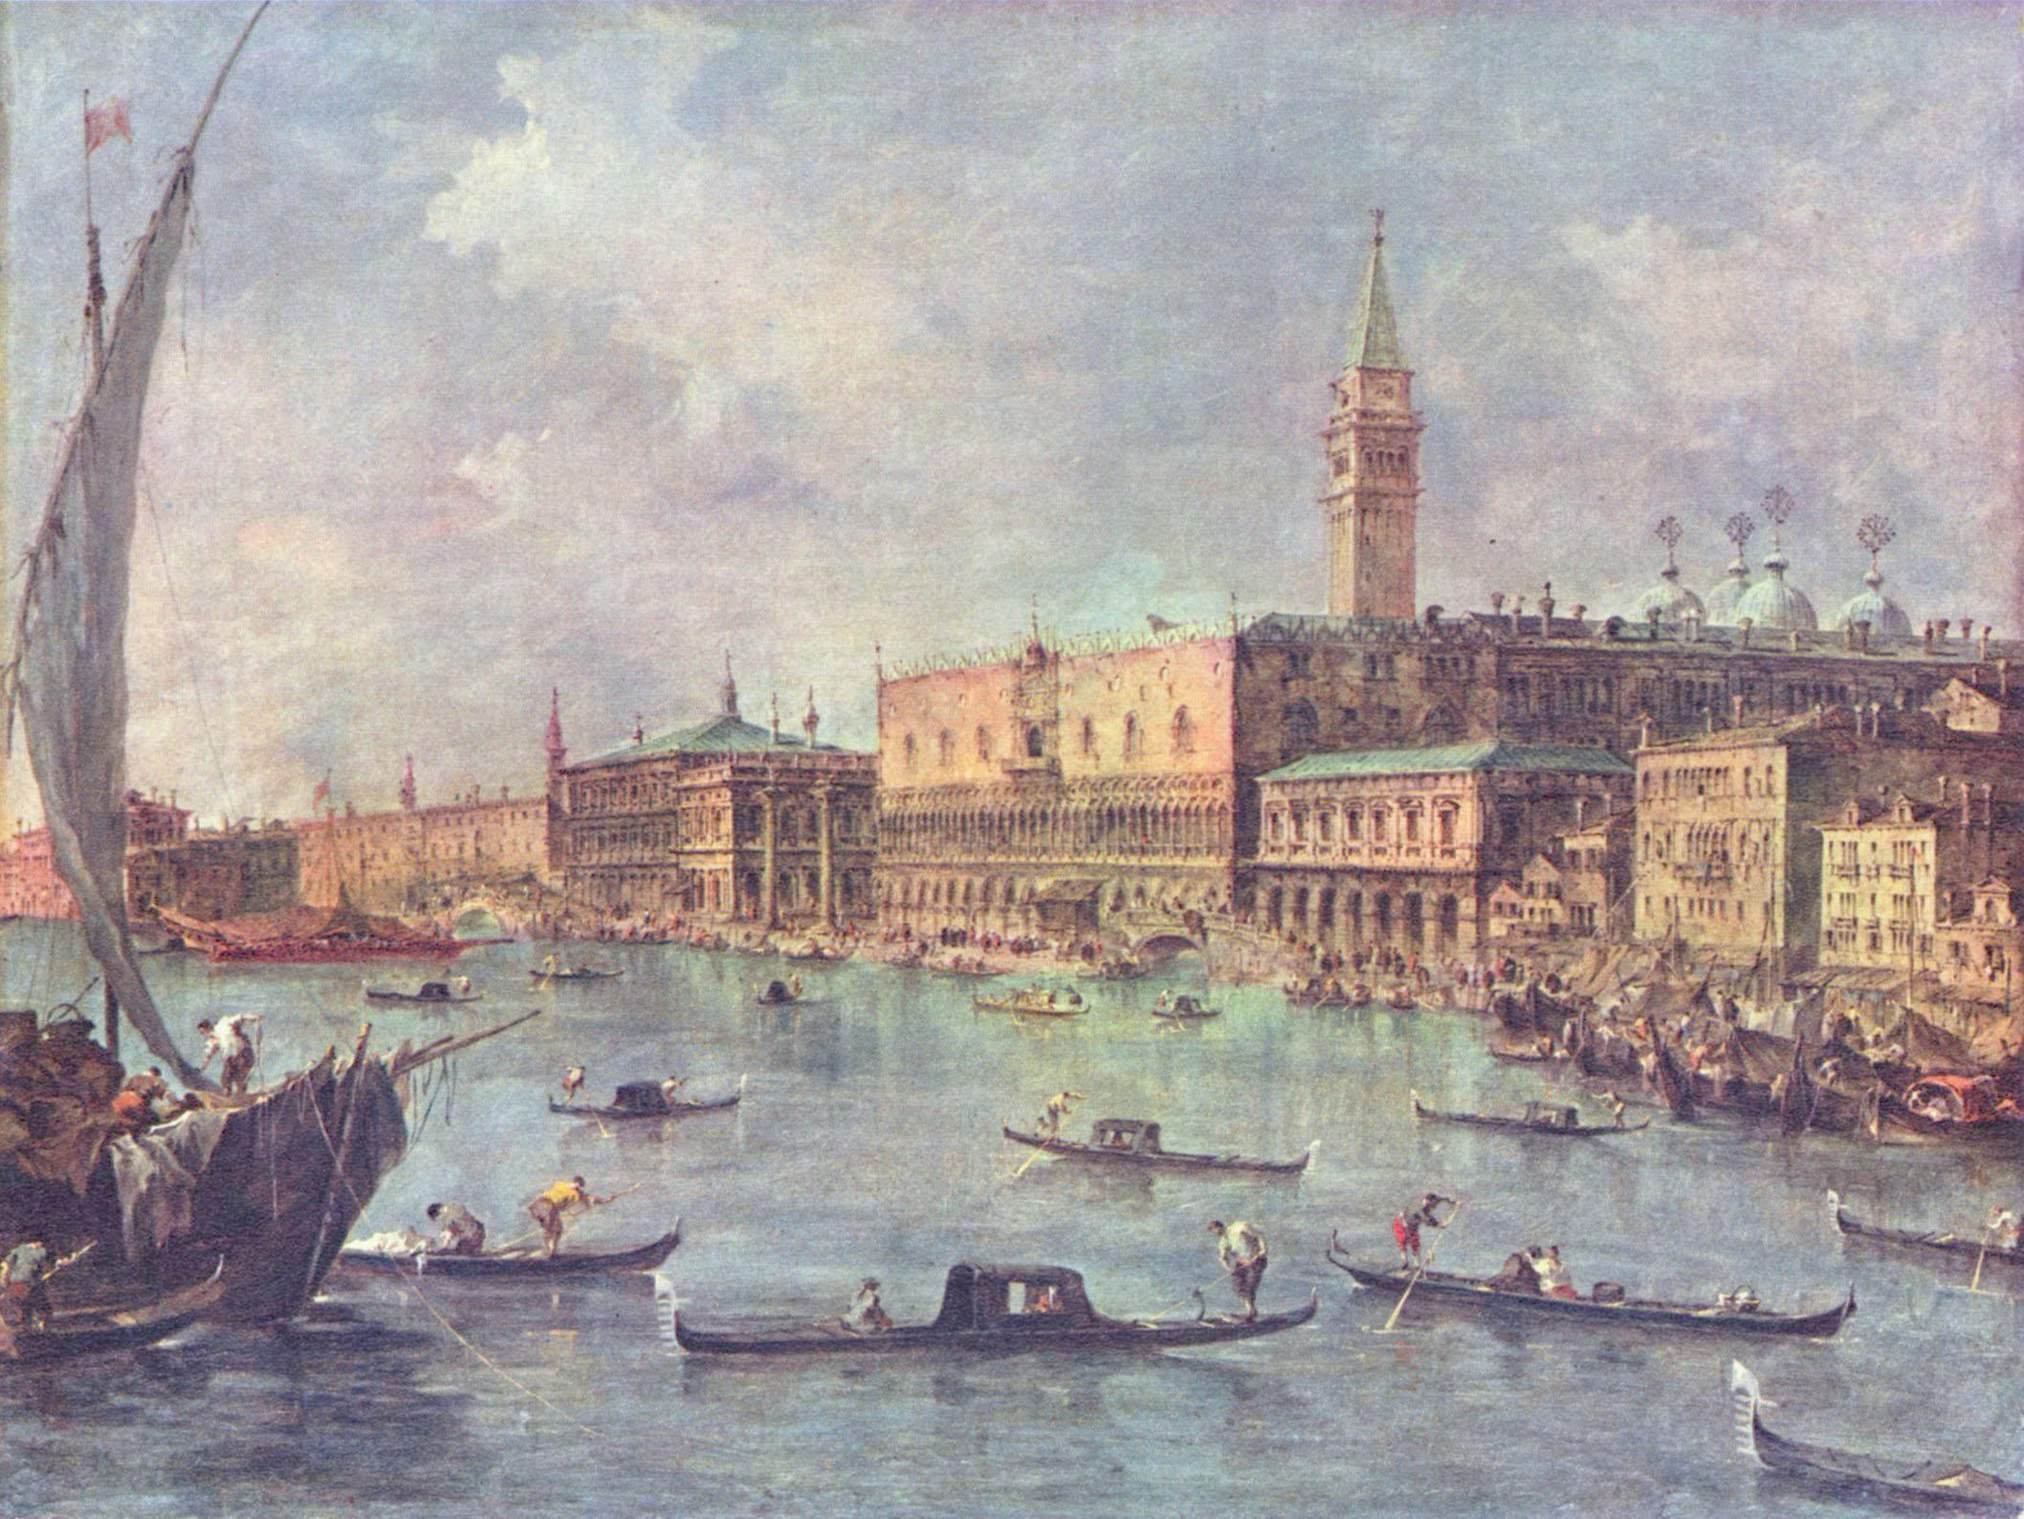 Франческо Гварди (1712-1793). Дворец дожей в Венеции. Вторая половина XVIII века. Масло, холст. 58х76 см. Национальная галерея, Лондон, Великобритания. Источник https://upload.wikimedia.org/